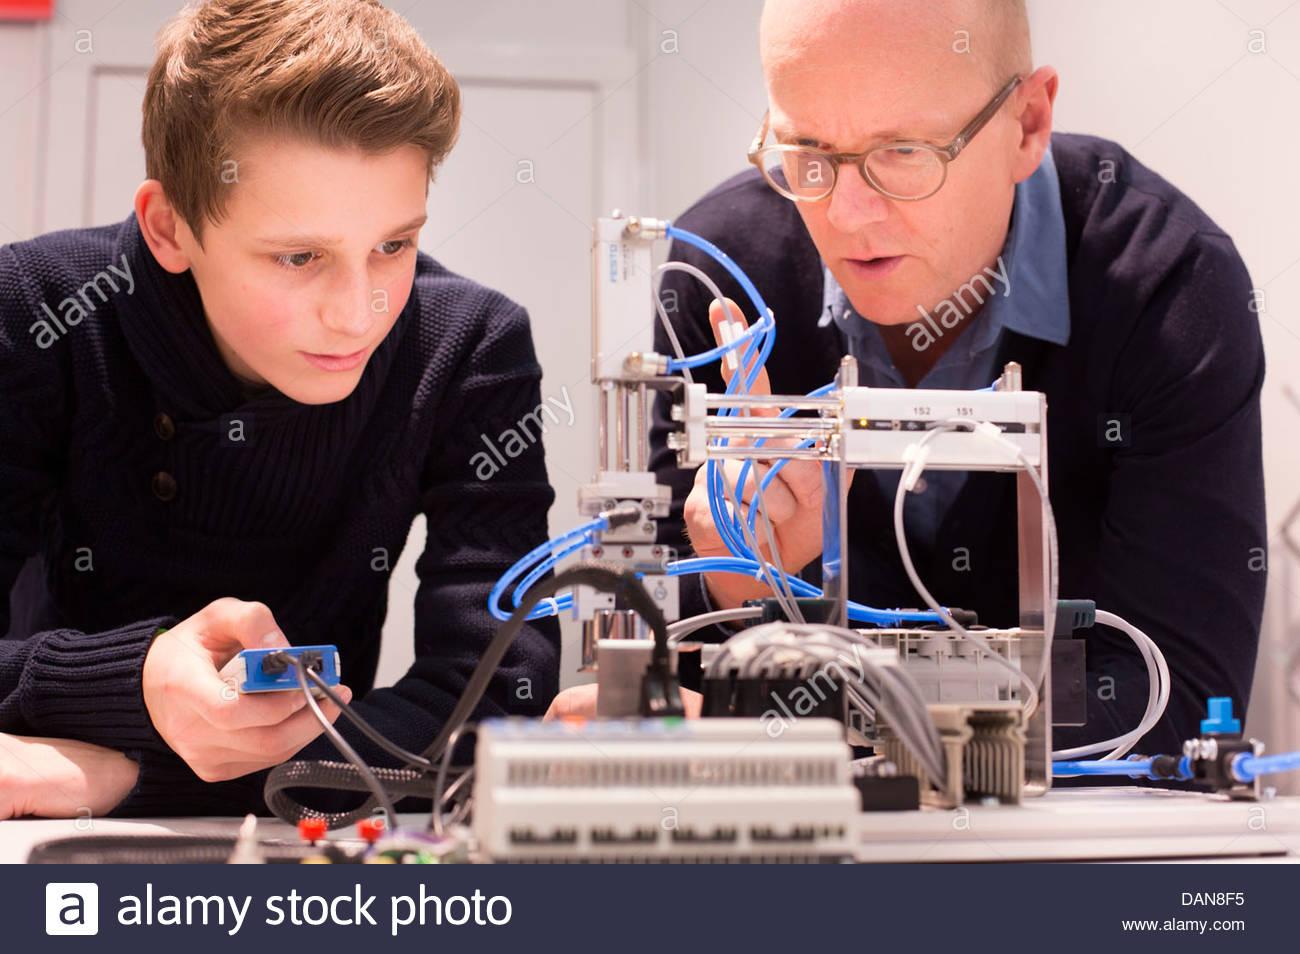 Étudiant avec un enseignant à l'aide du modèle de régulation de débit pneumatique Photo Stock